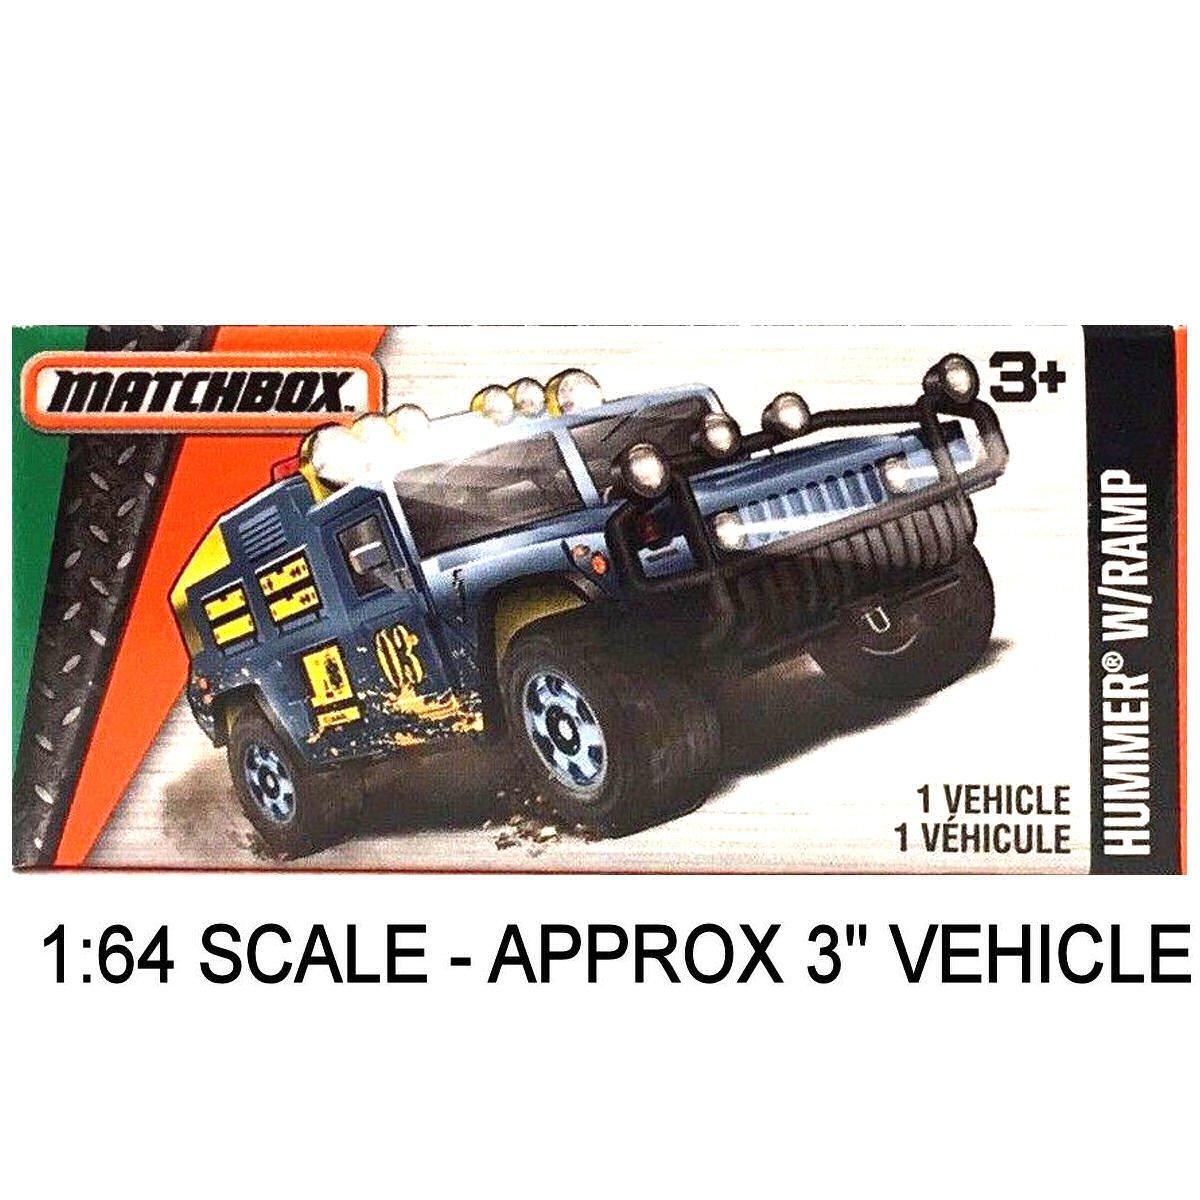 マッチボックスPower Grabs Hummer ) withランプブルーグレー( 1 : Hummer 64スケール – 64スケール 約3